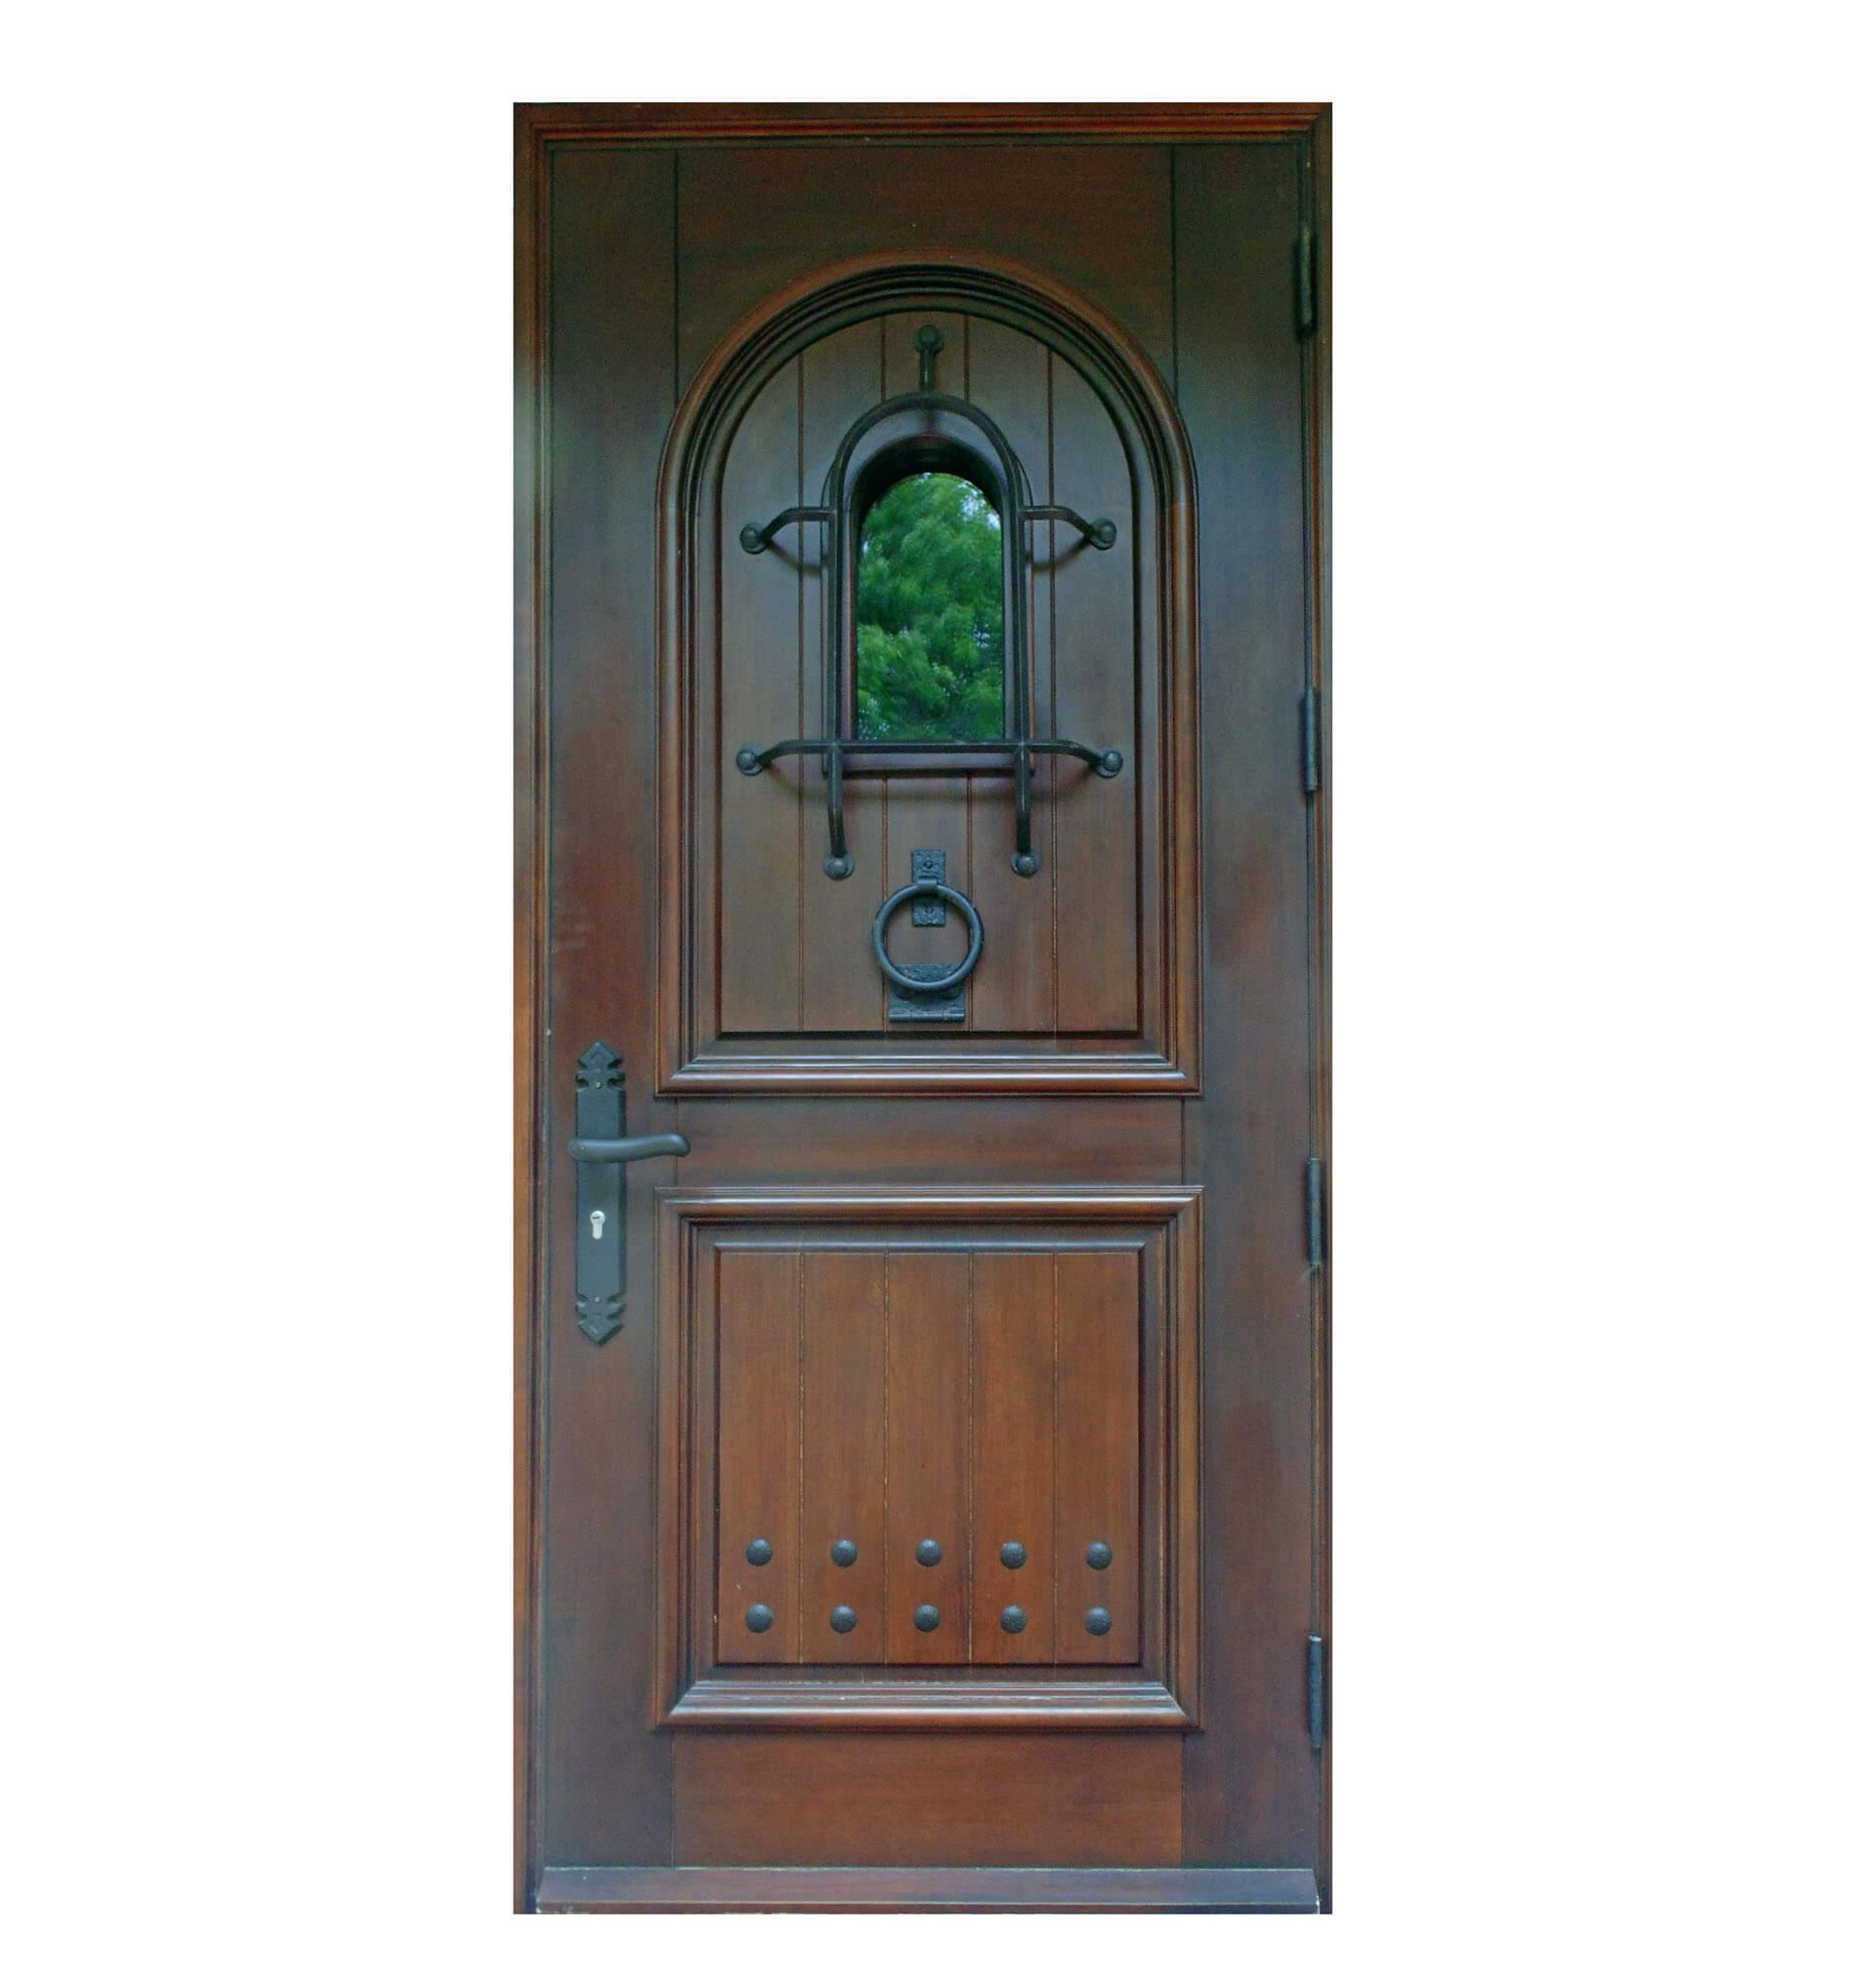 ALTON ROAD MAHOGANY FRONT DOOR.